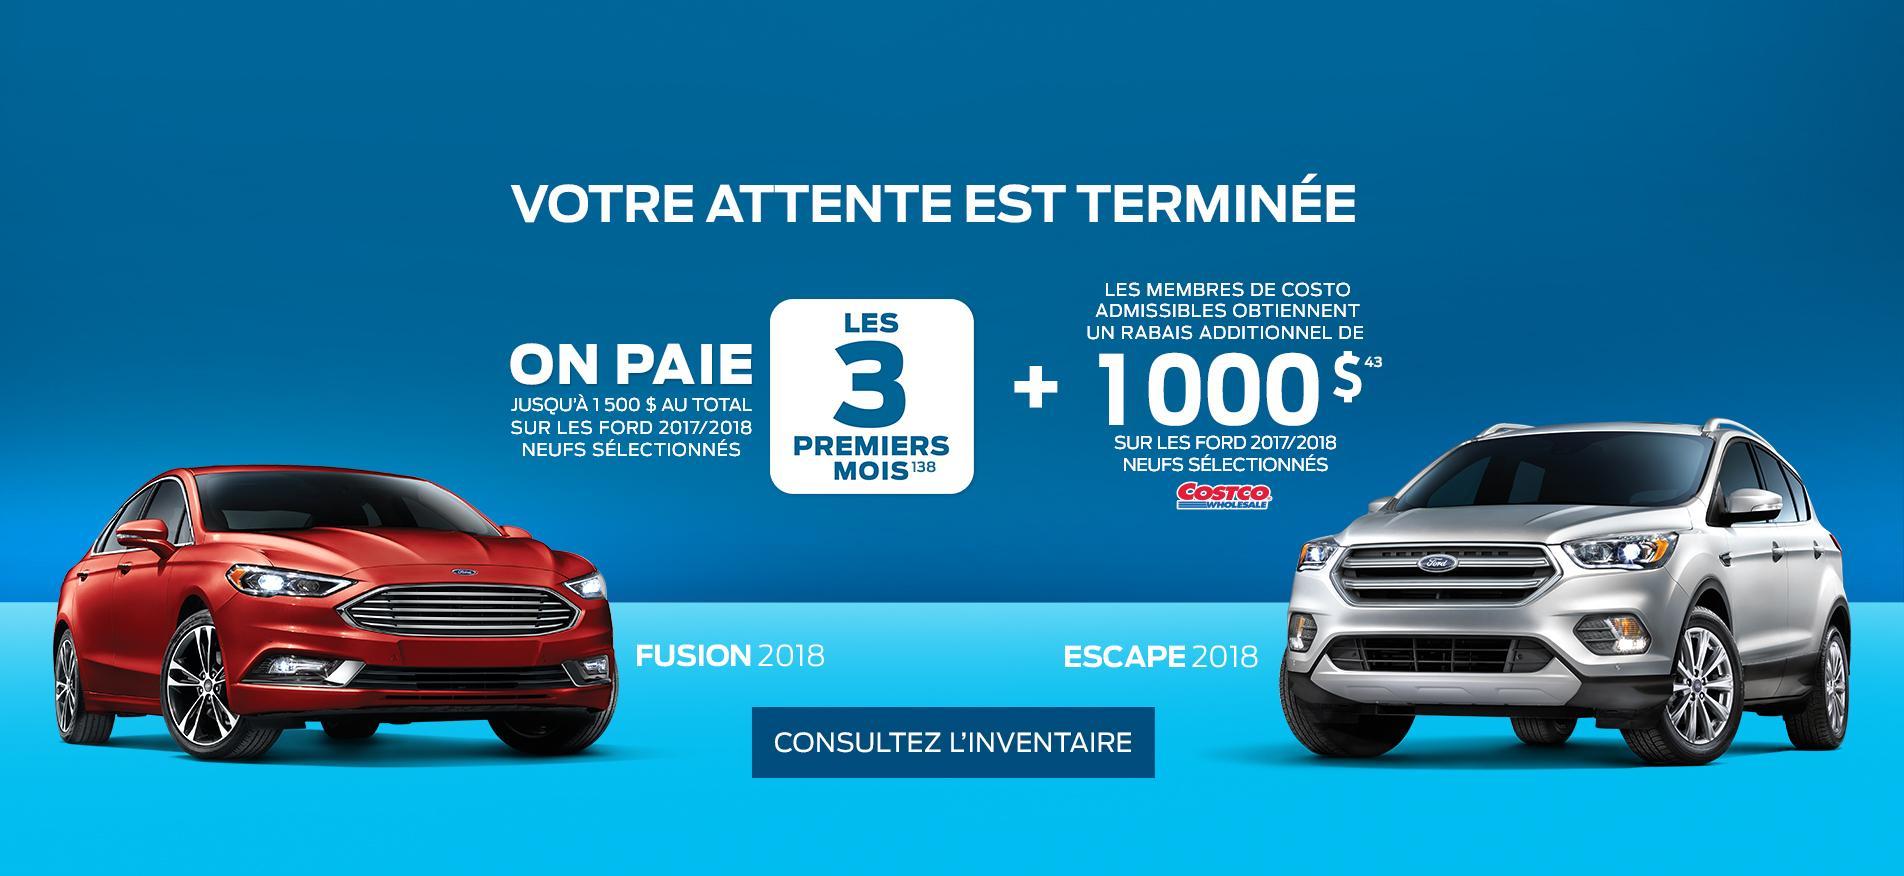 Offre spéciale de fin d'année pour les véhicules Ford